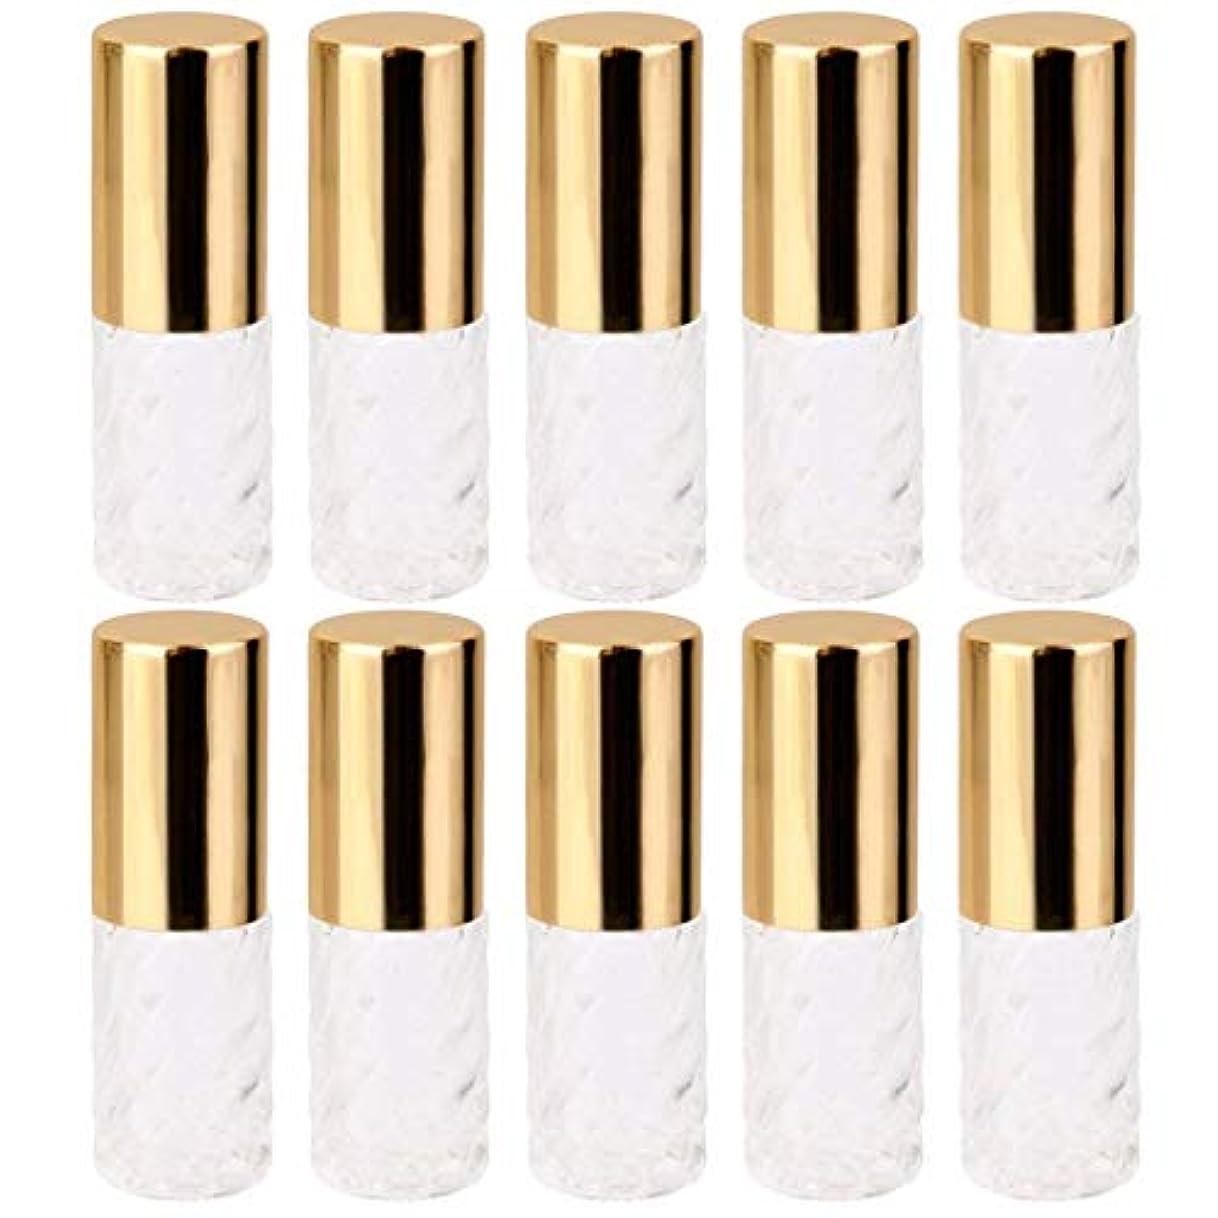 メンター近々リハーサル10個 5ml 透明 交換 旅行 空 ロールオン ガラス 香水瓶 容器 コスメ 詰替え 便利